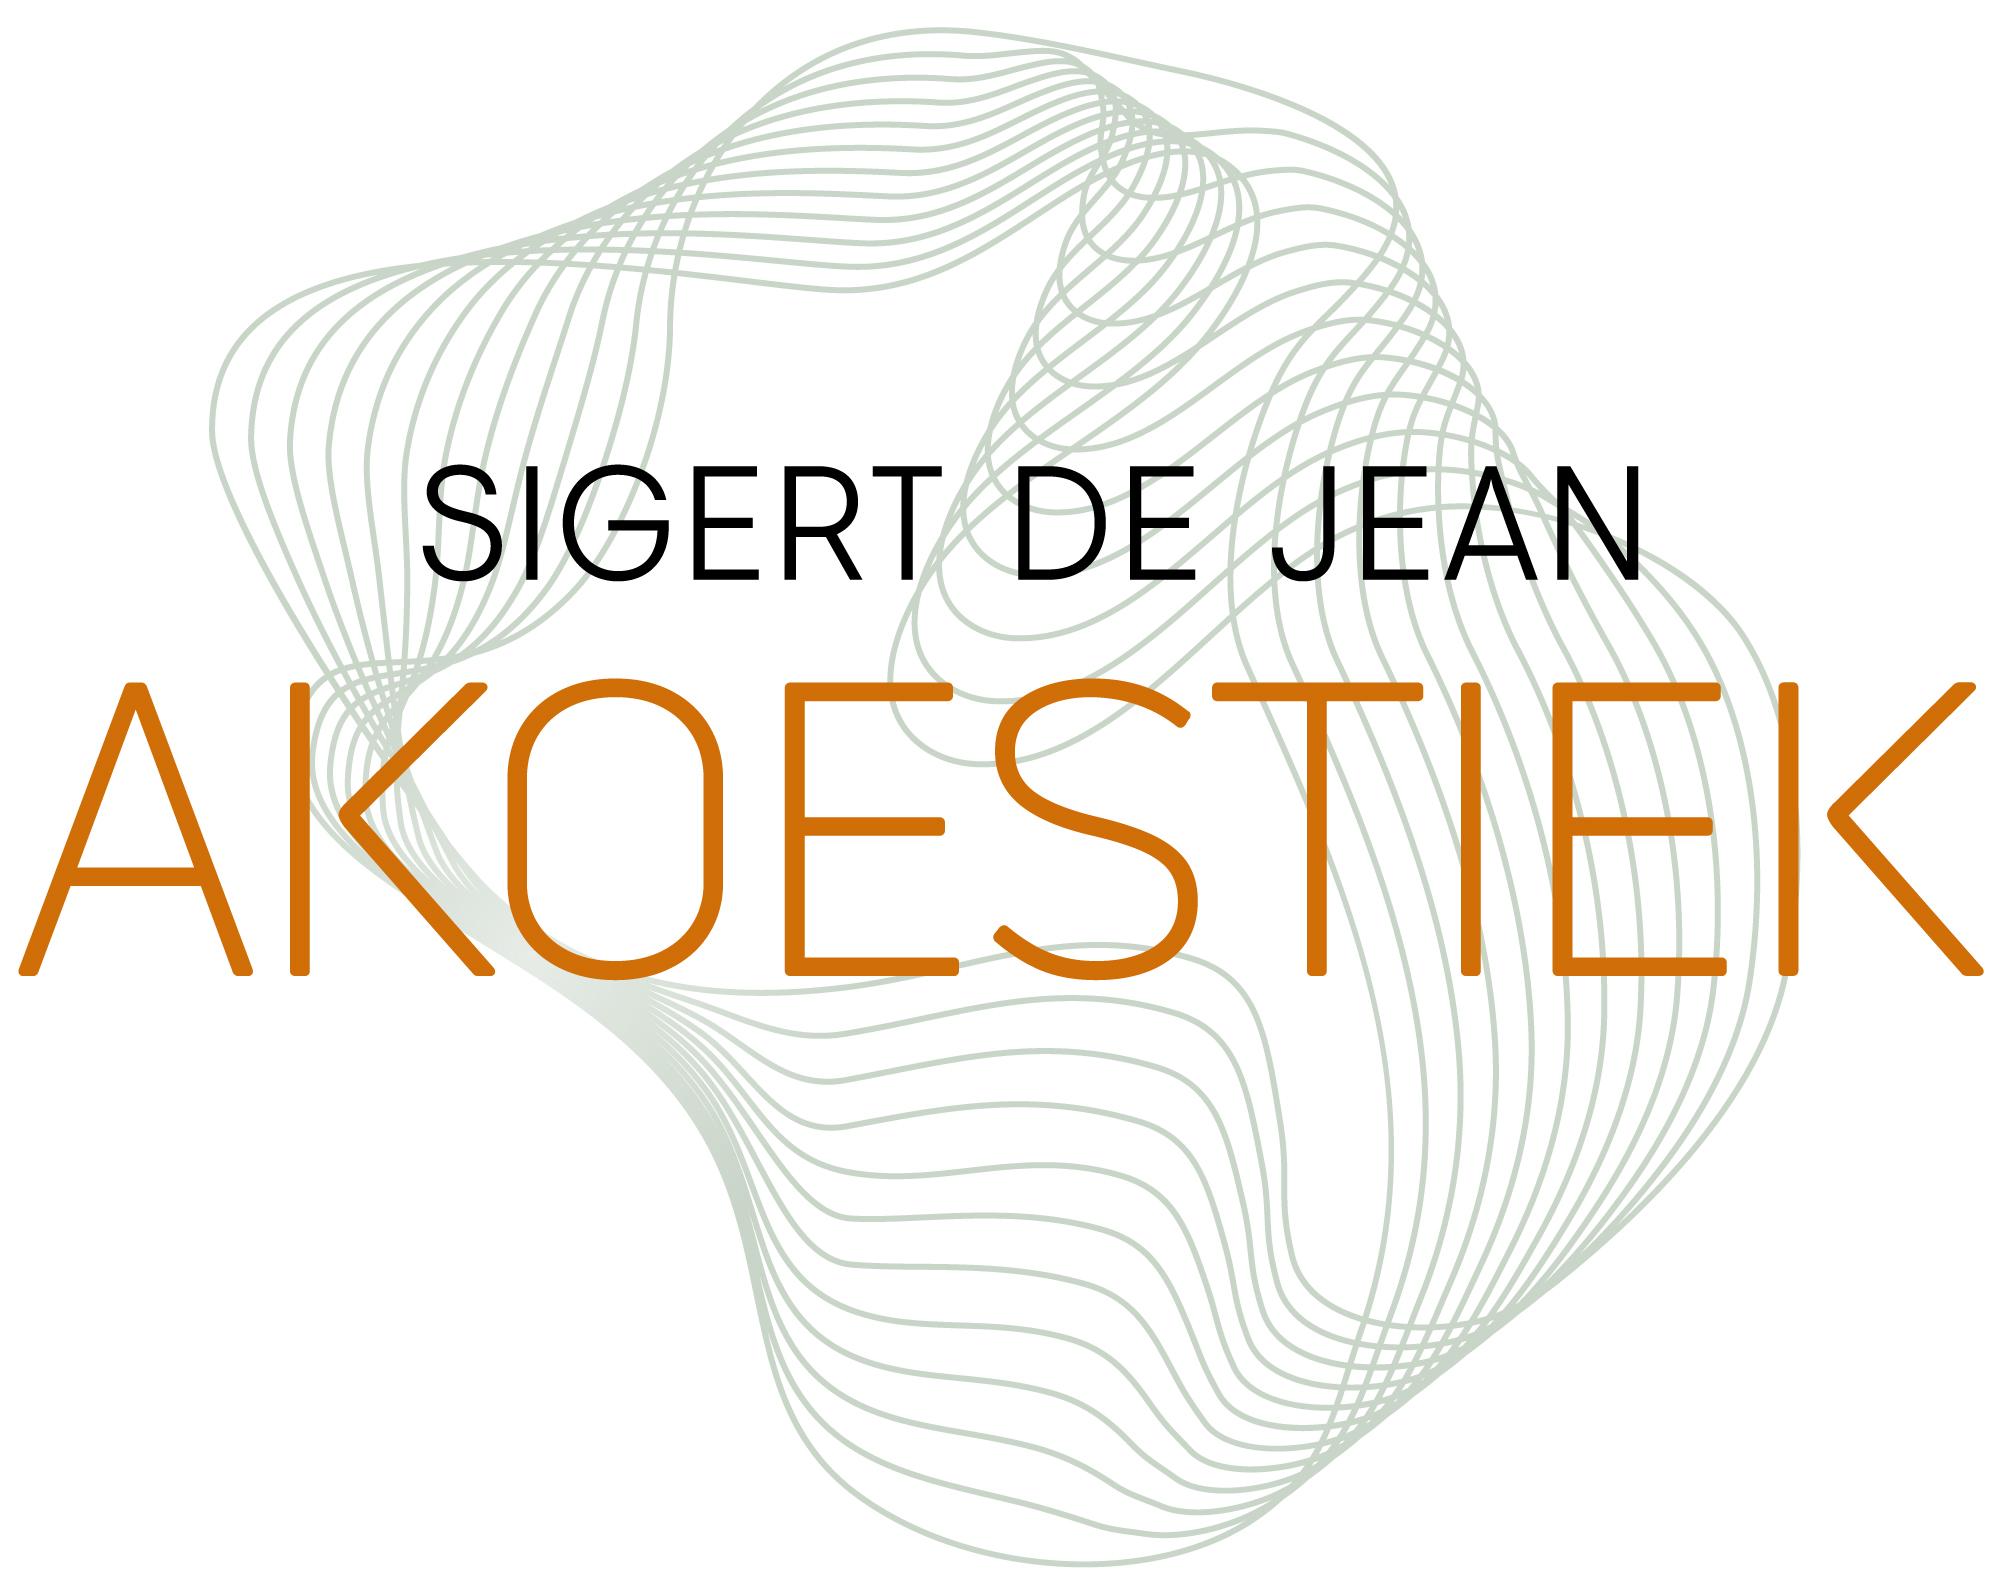 Sigert De Jean | akoestiek